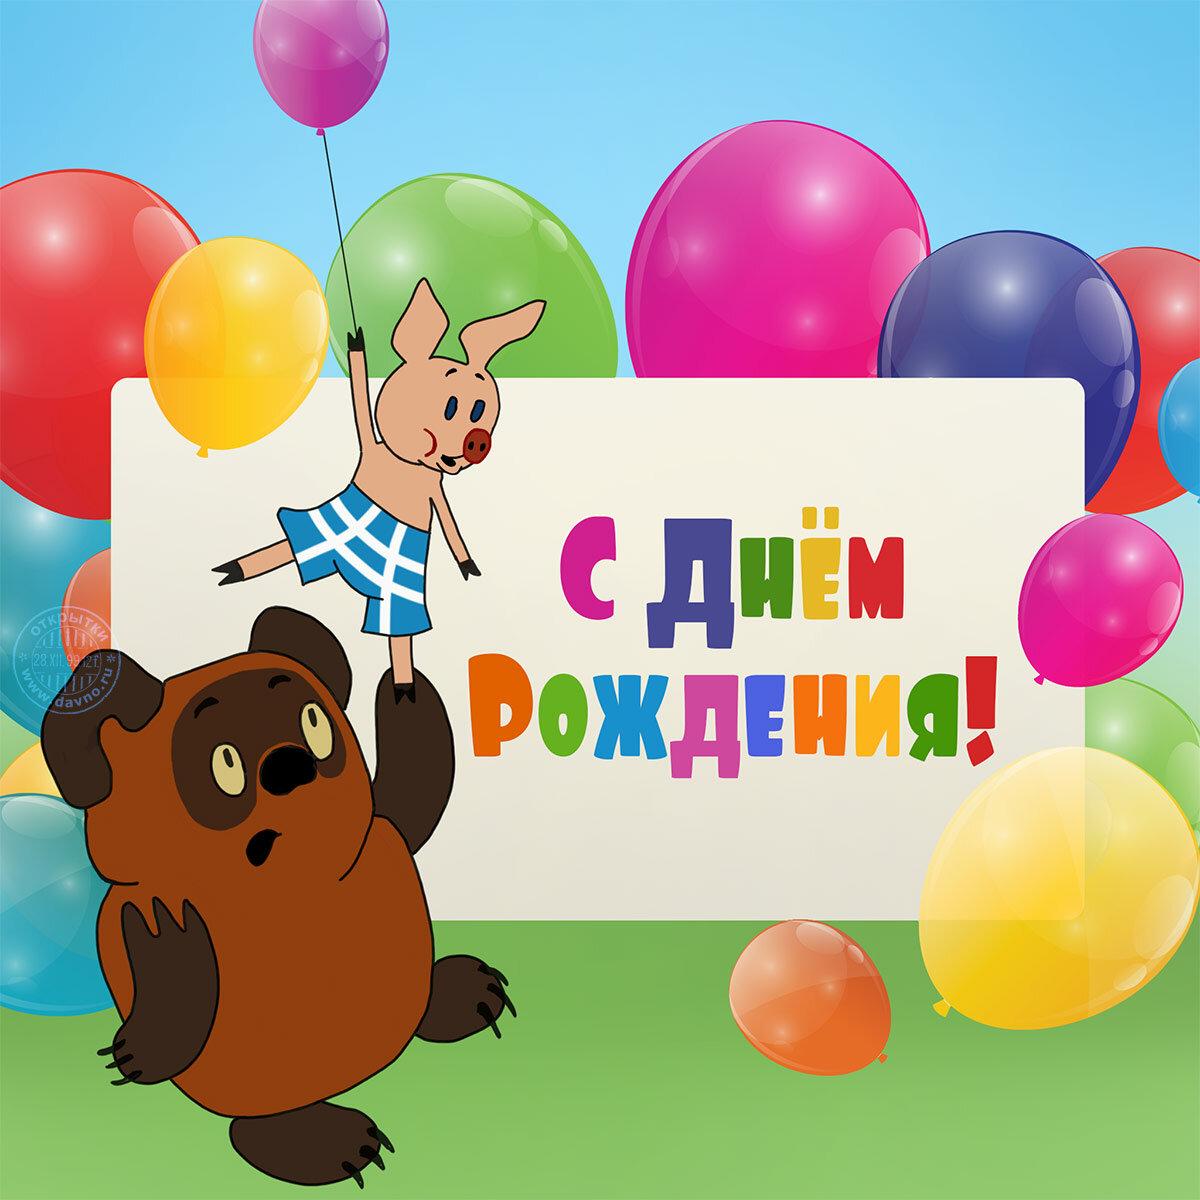 открытка поздравление с днем рождения братишкеекае каждом русском